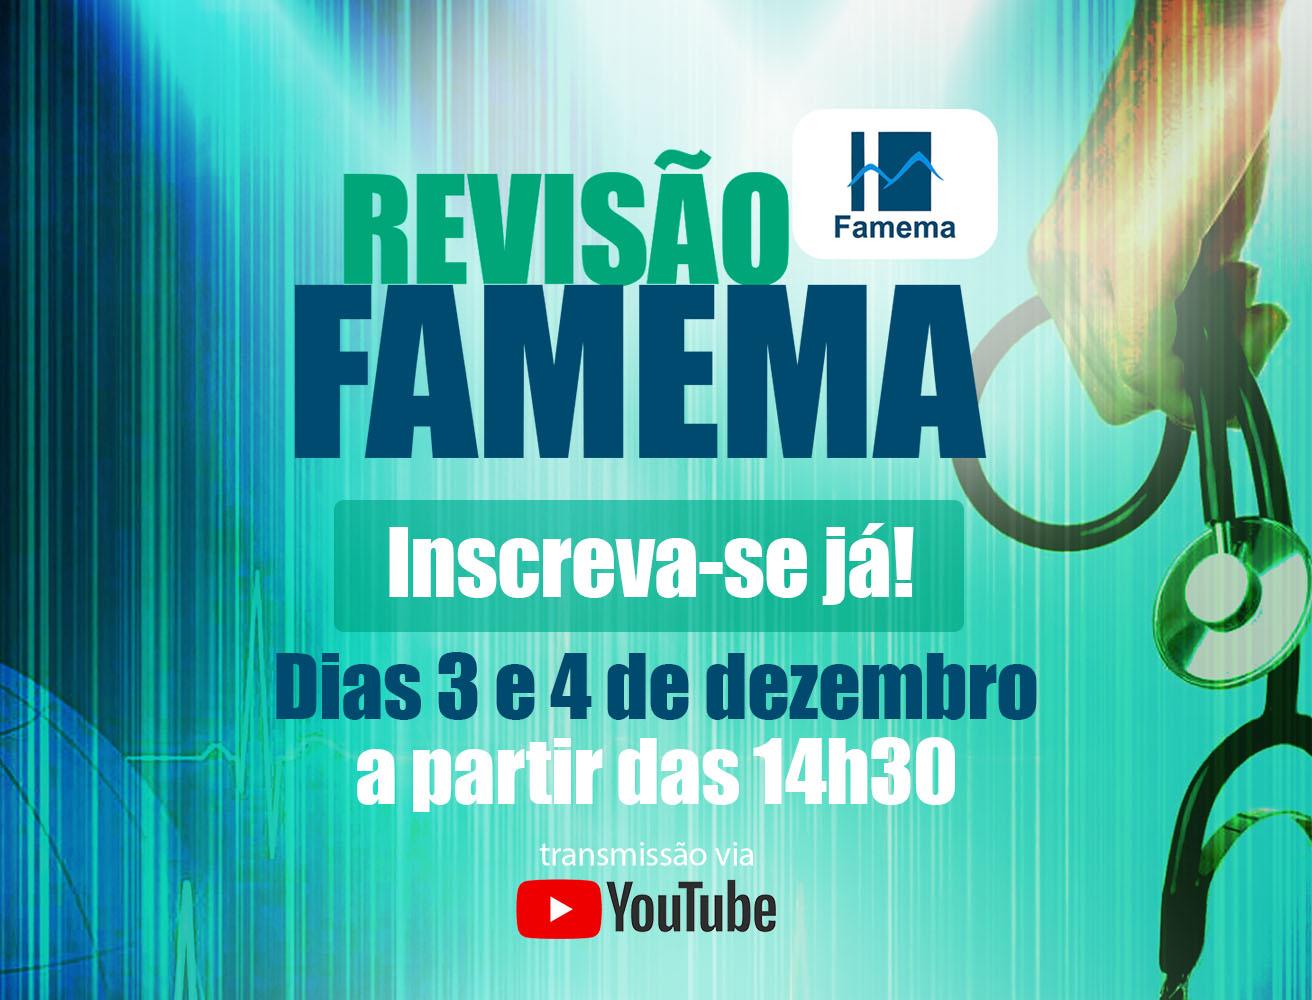 Revisão Famema